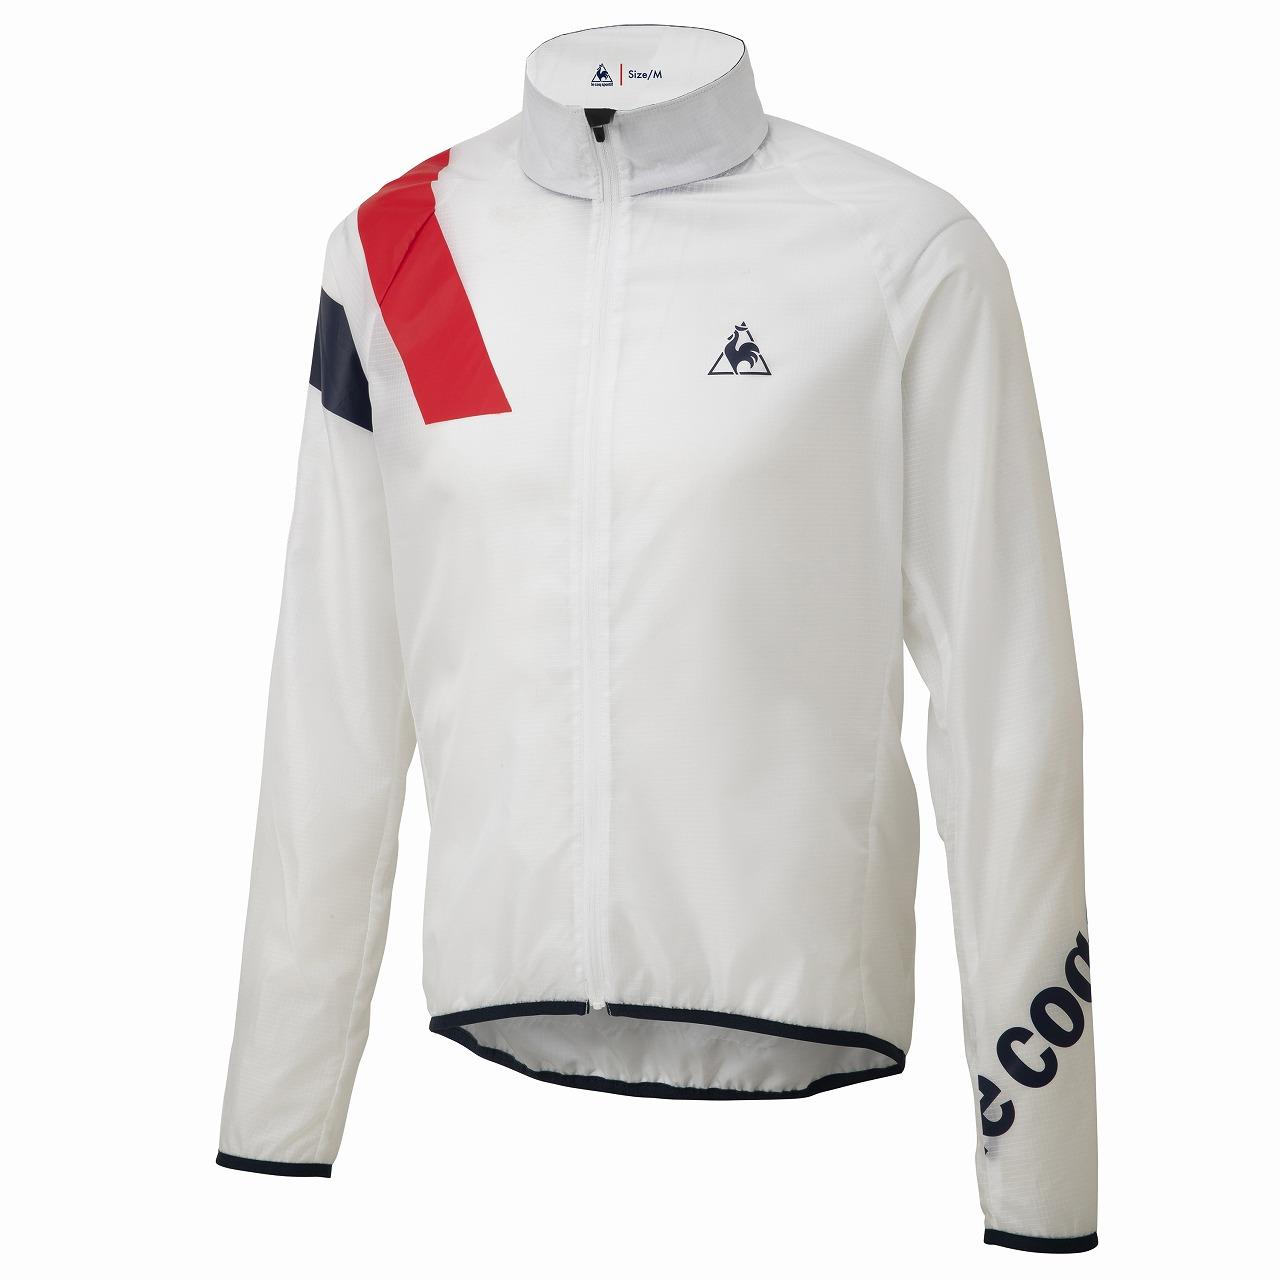 Le coq sportif ( ルコックスポルティフ ) 20SS QCMPGC21 CLEAR JACKET ジャケット ホワイト L